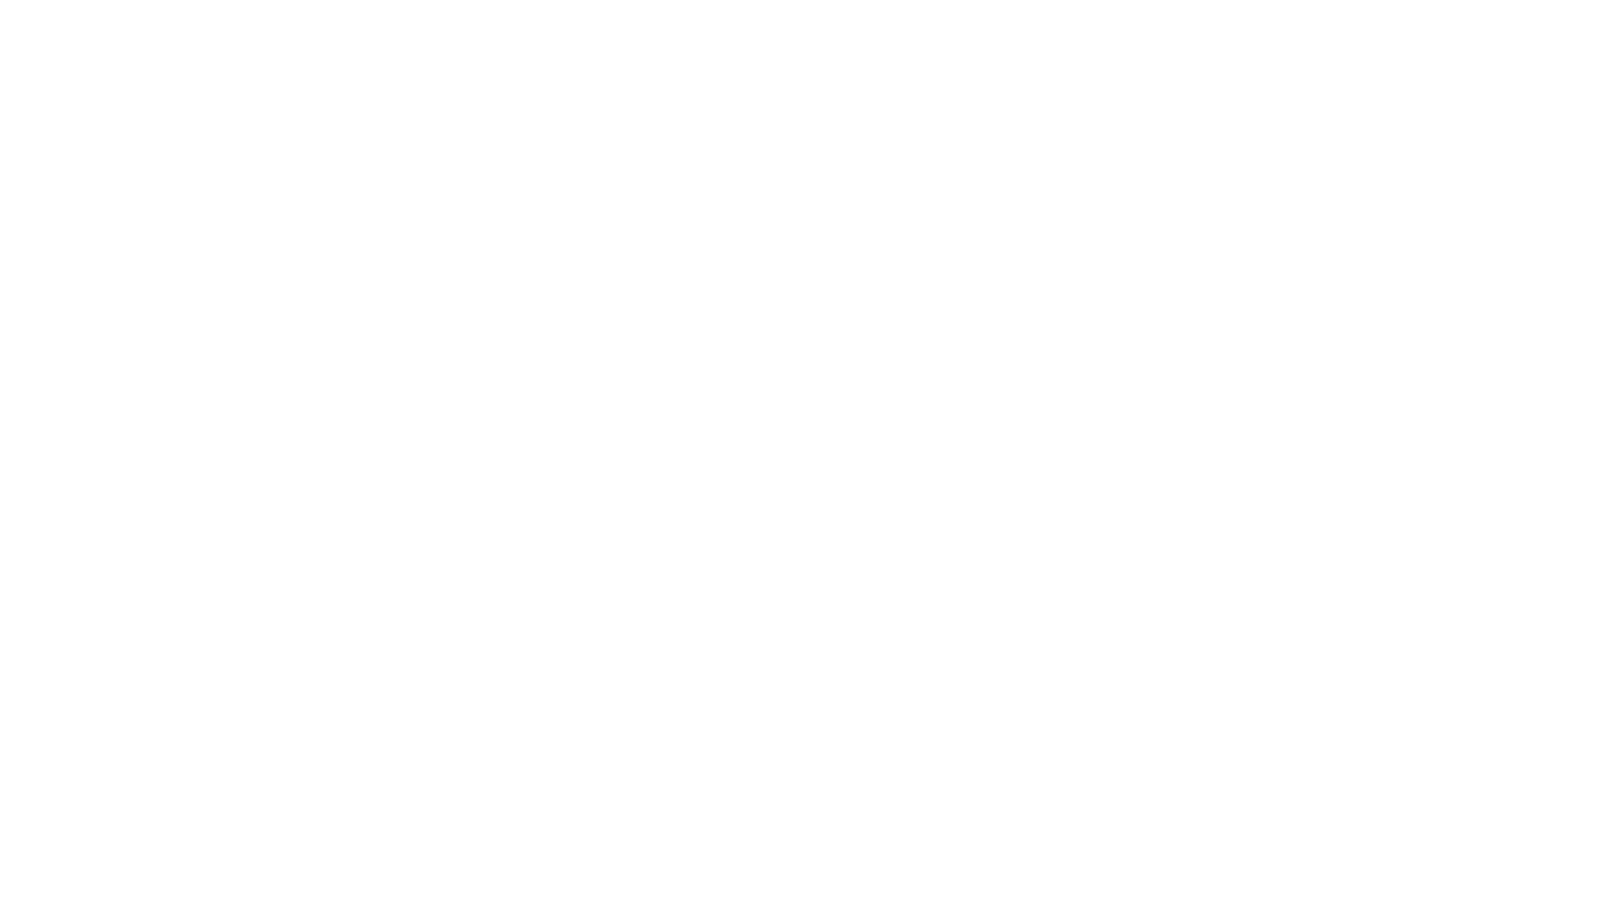 #昭和レトロ雑貨 #からくり時計 #振り子時計 昭和レトロ探索のブログはこちらで  https://xn--fdkude7857ayos.tokyo/retoro/ twitter→https://twitter.com/seikei2004take インスタ https://www.instagram.com/syouwaretoro80/?hl=ja